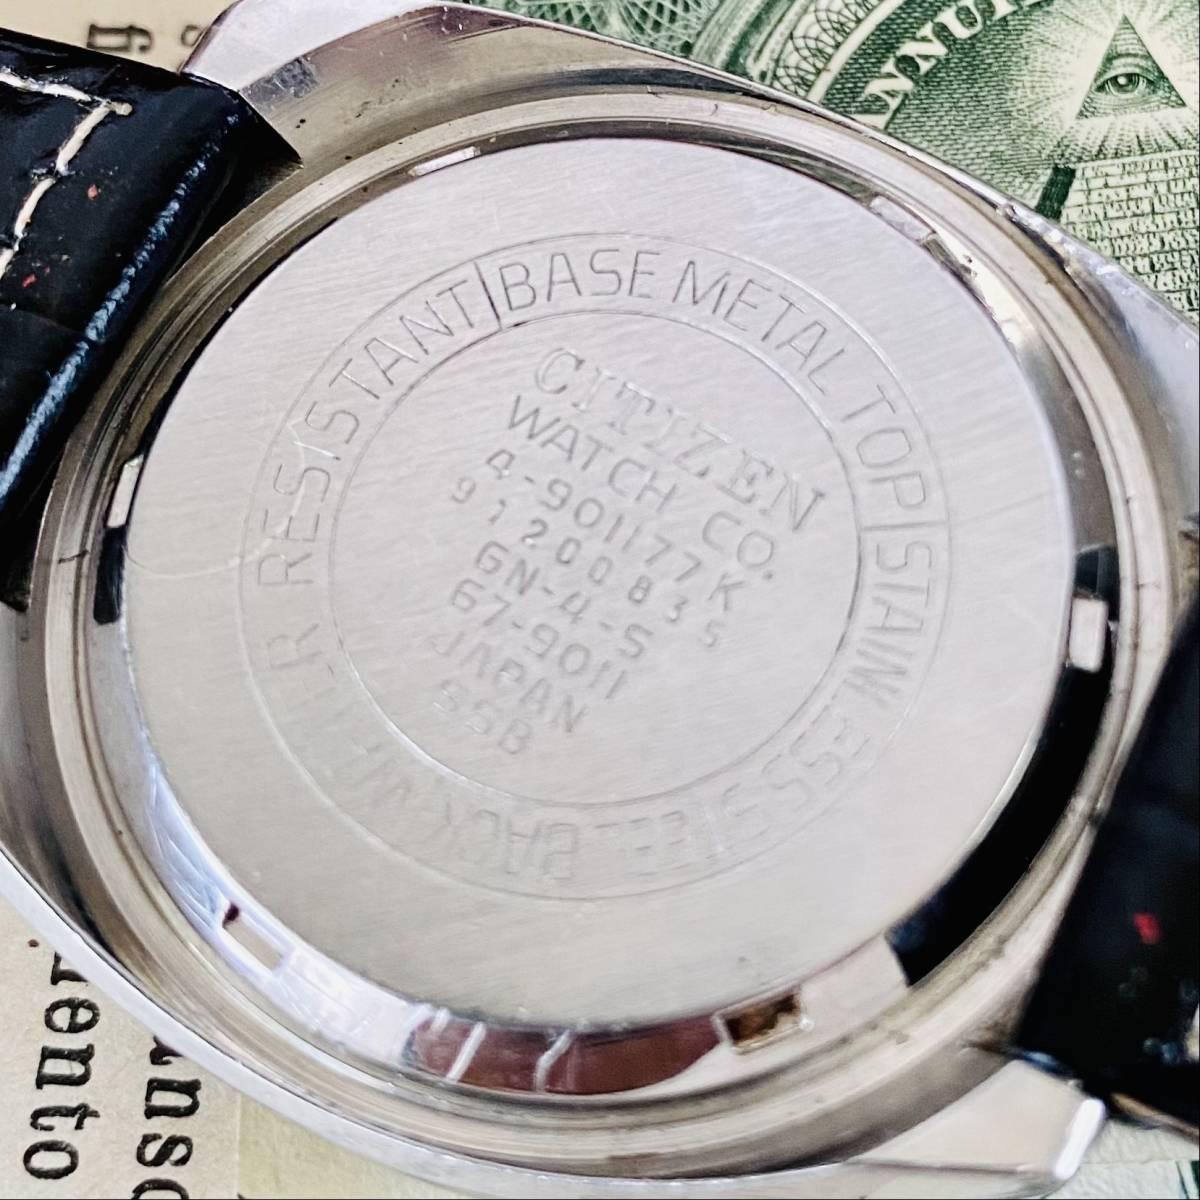 【高級腕時計 シチズン】CITIZEN 8110A クロノグラフ 自動巻 1979年 デイデイト ツノ メンズ レディース アナログ パンダ チャレンジ_画像10